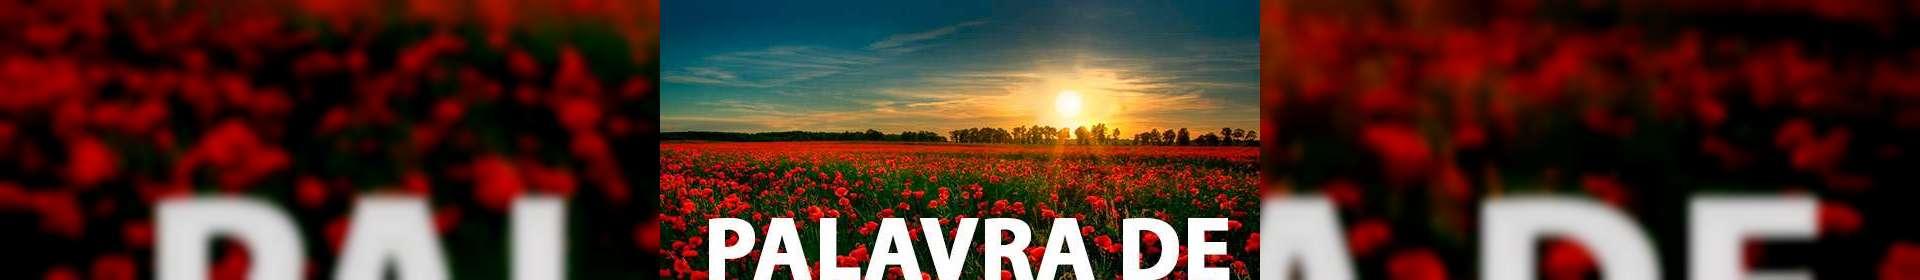 Salmos 72:17 - Uma Palavra de Esperança para sua vida